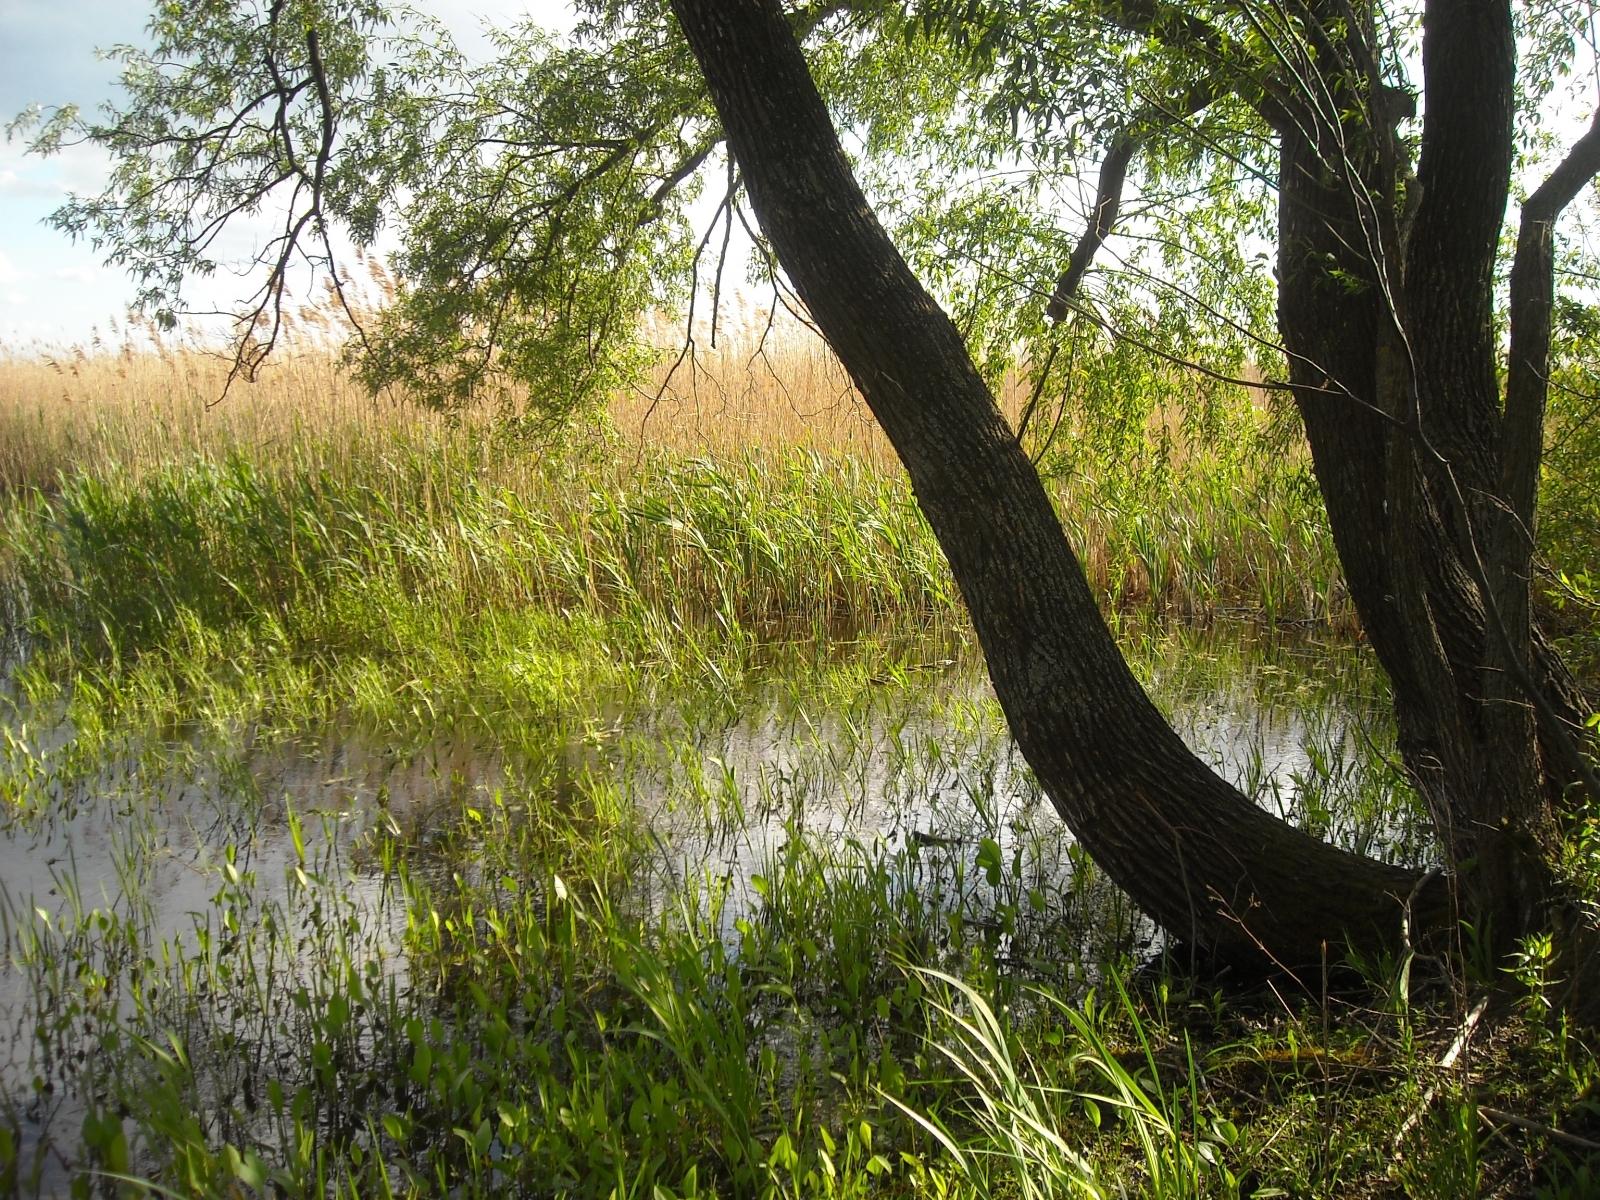 7145 скачать обои Растения, Пейзаж, Деревья, Трава - заставки и картинки бесплатно